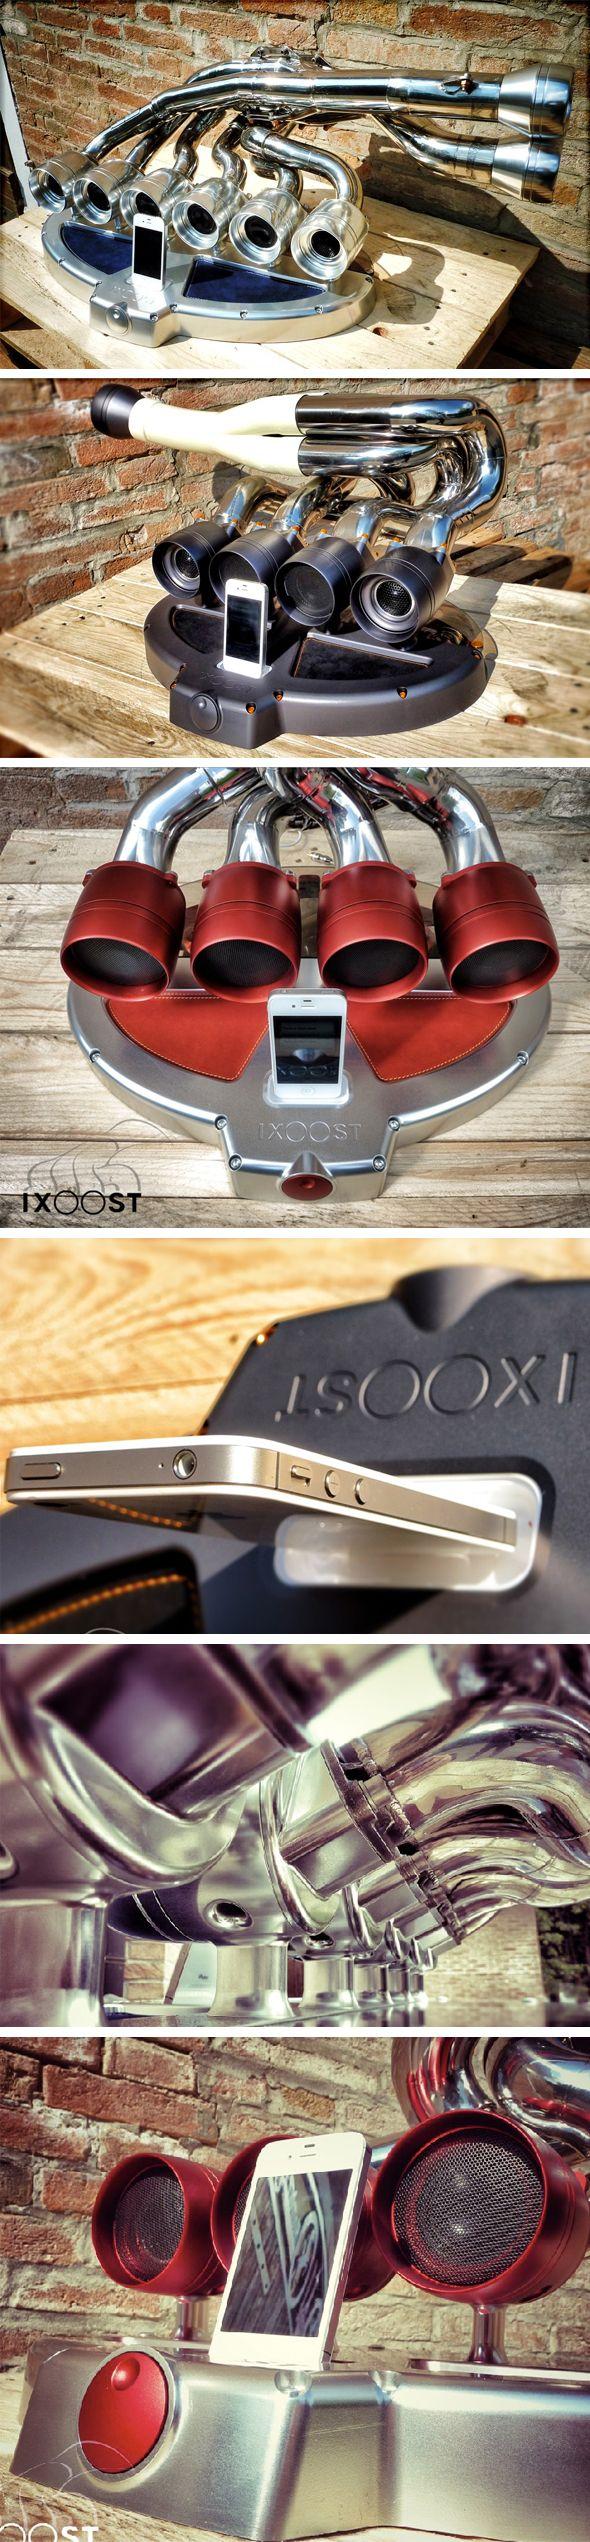 Système audio original Ixoost